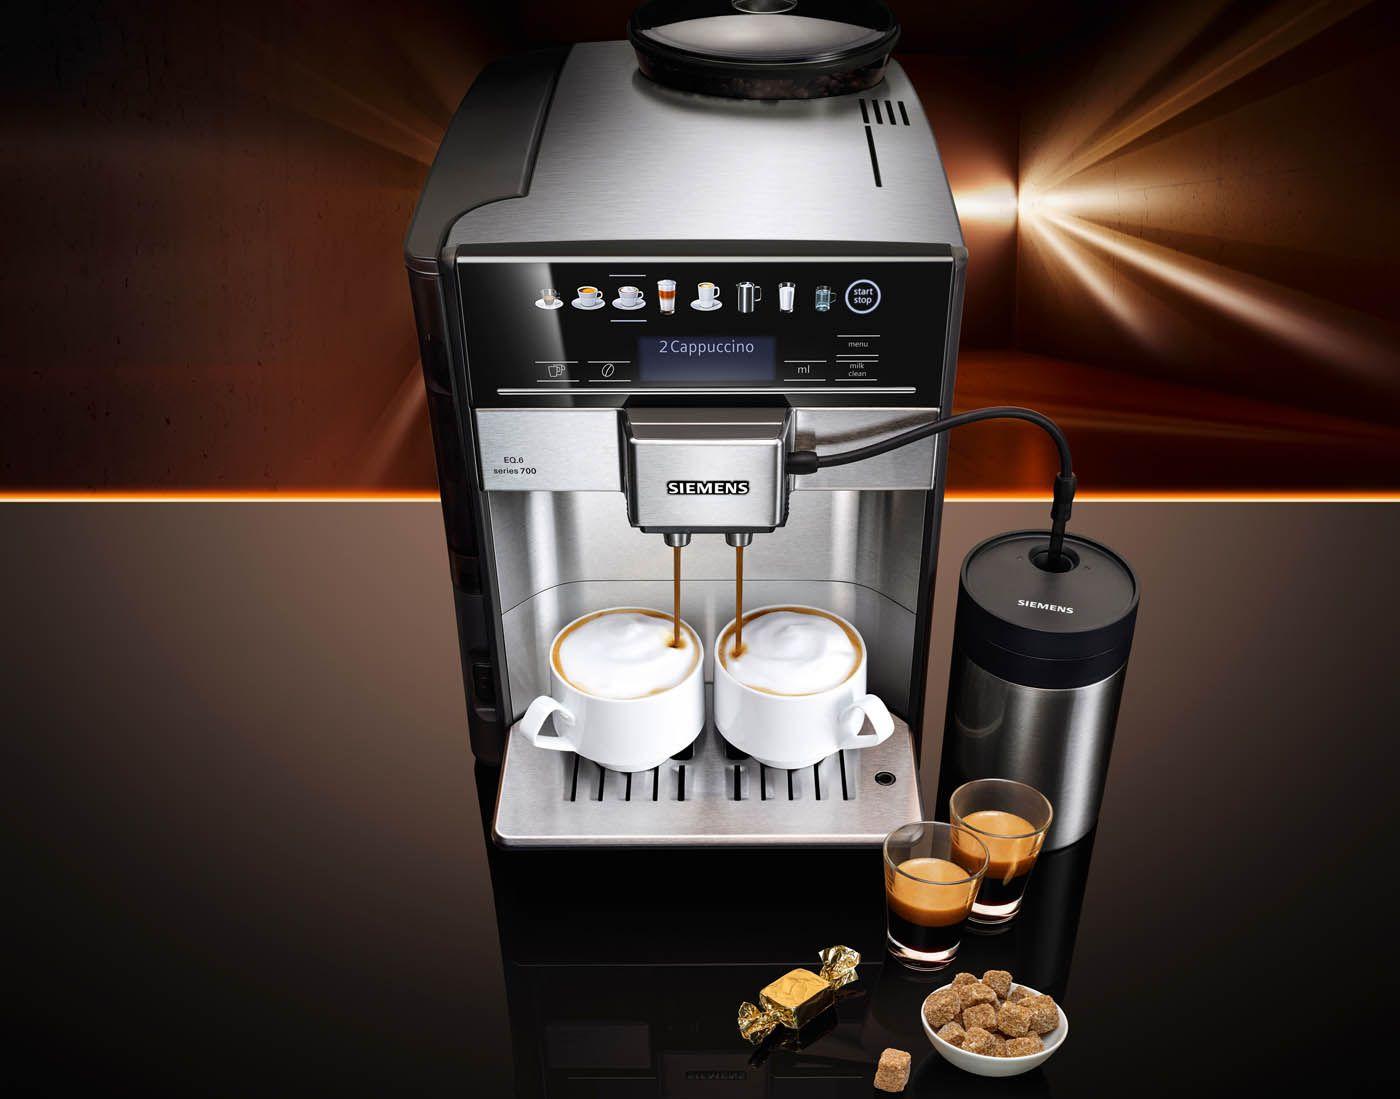 koffievolautomaat eq 6 van siemens koffie keuken gadgets en asseccoires gespot door. Black Bedroom Furniture Sets. Home Design Ideas